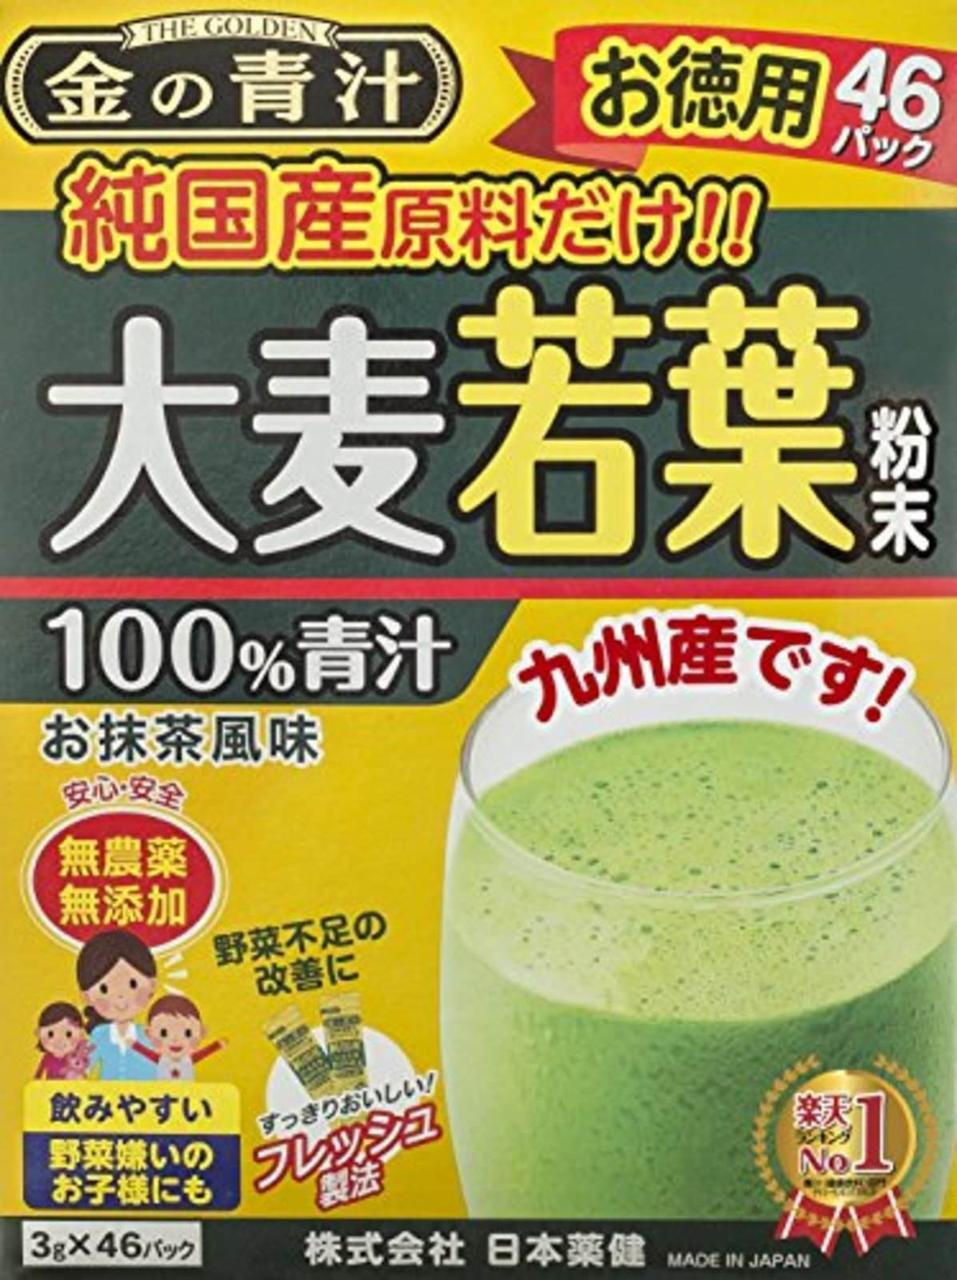 Чай Аодзиру Nihon The Golden Green juice витаминно-минеральный комплекс с соком  ячменя 3 г *46 шт (70034)